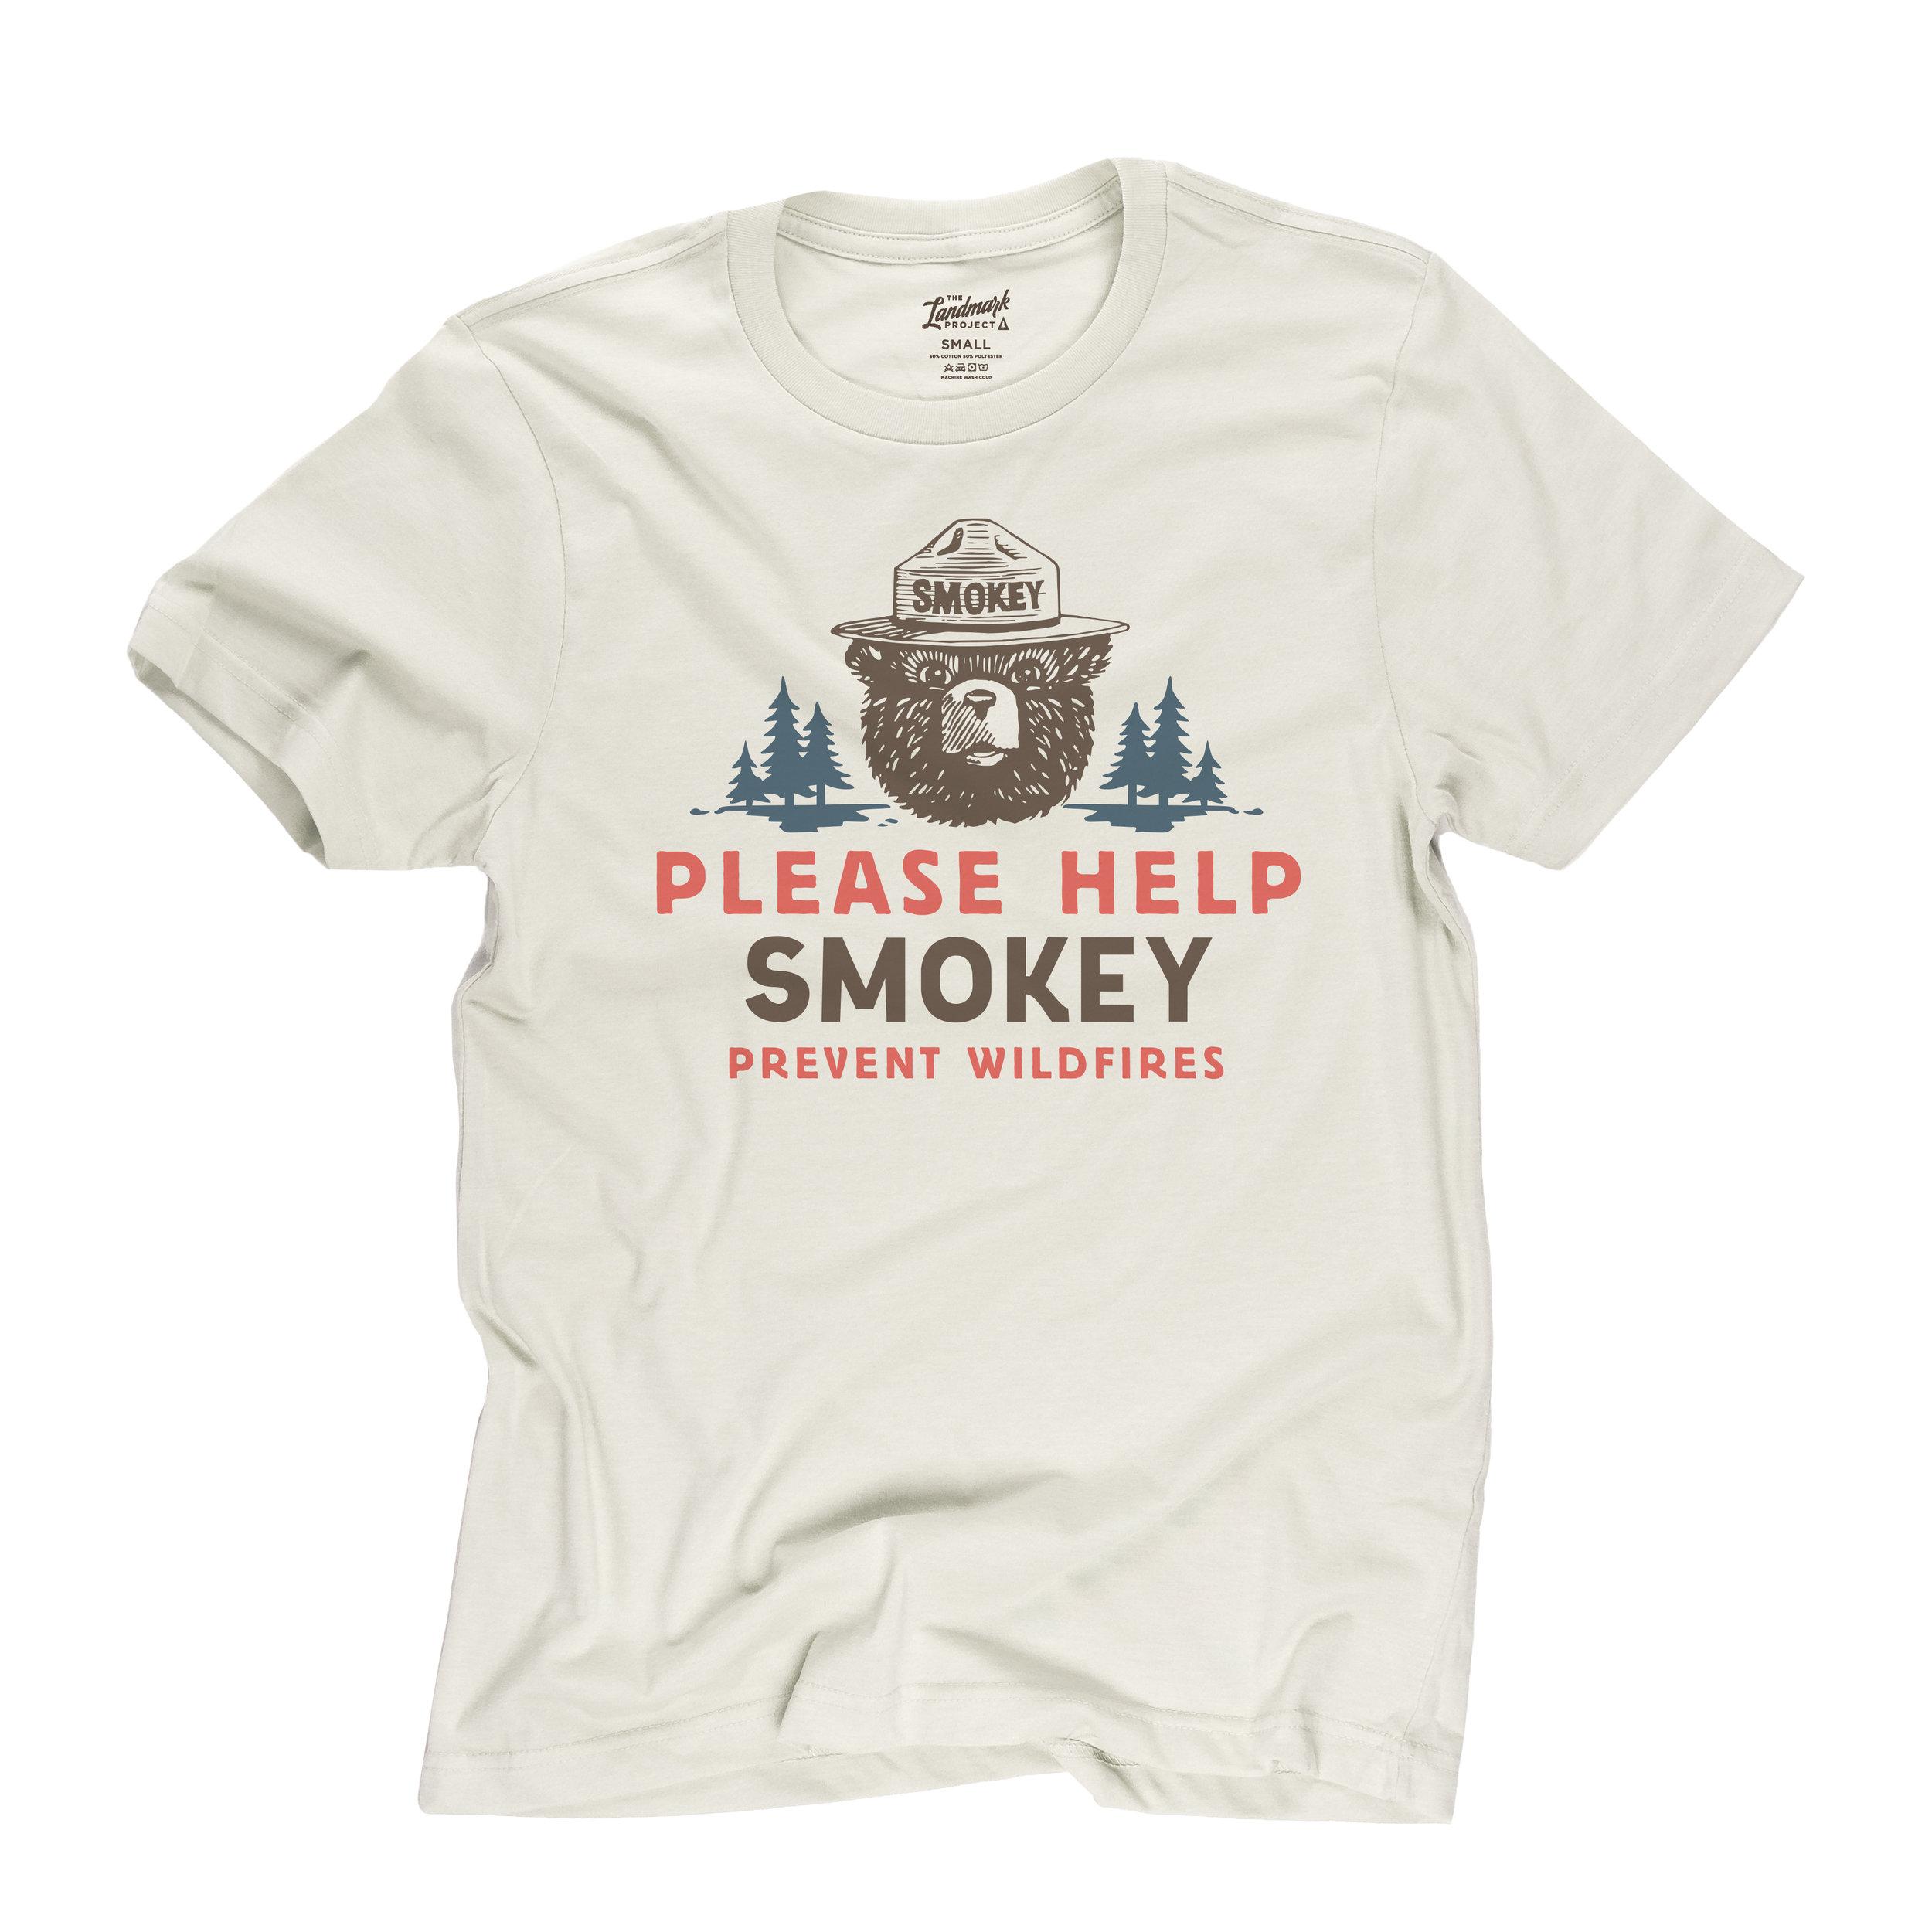 1322100007-please-help-smokey-tee.jpg